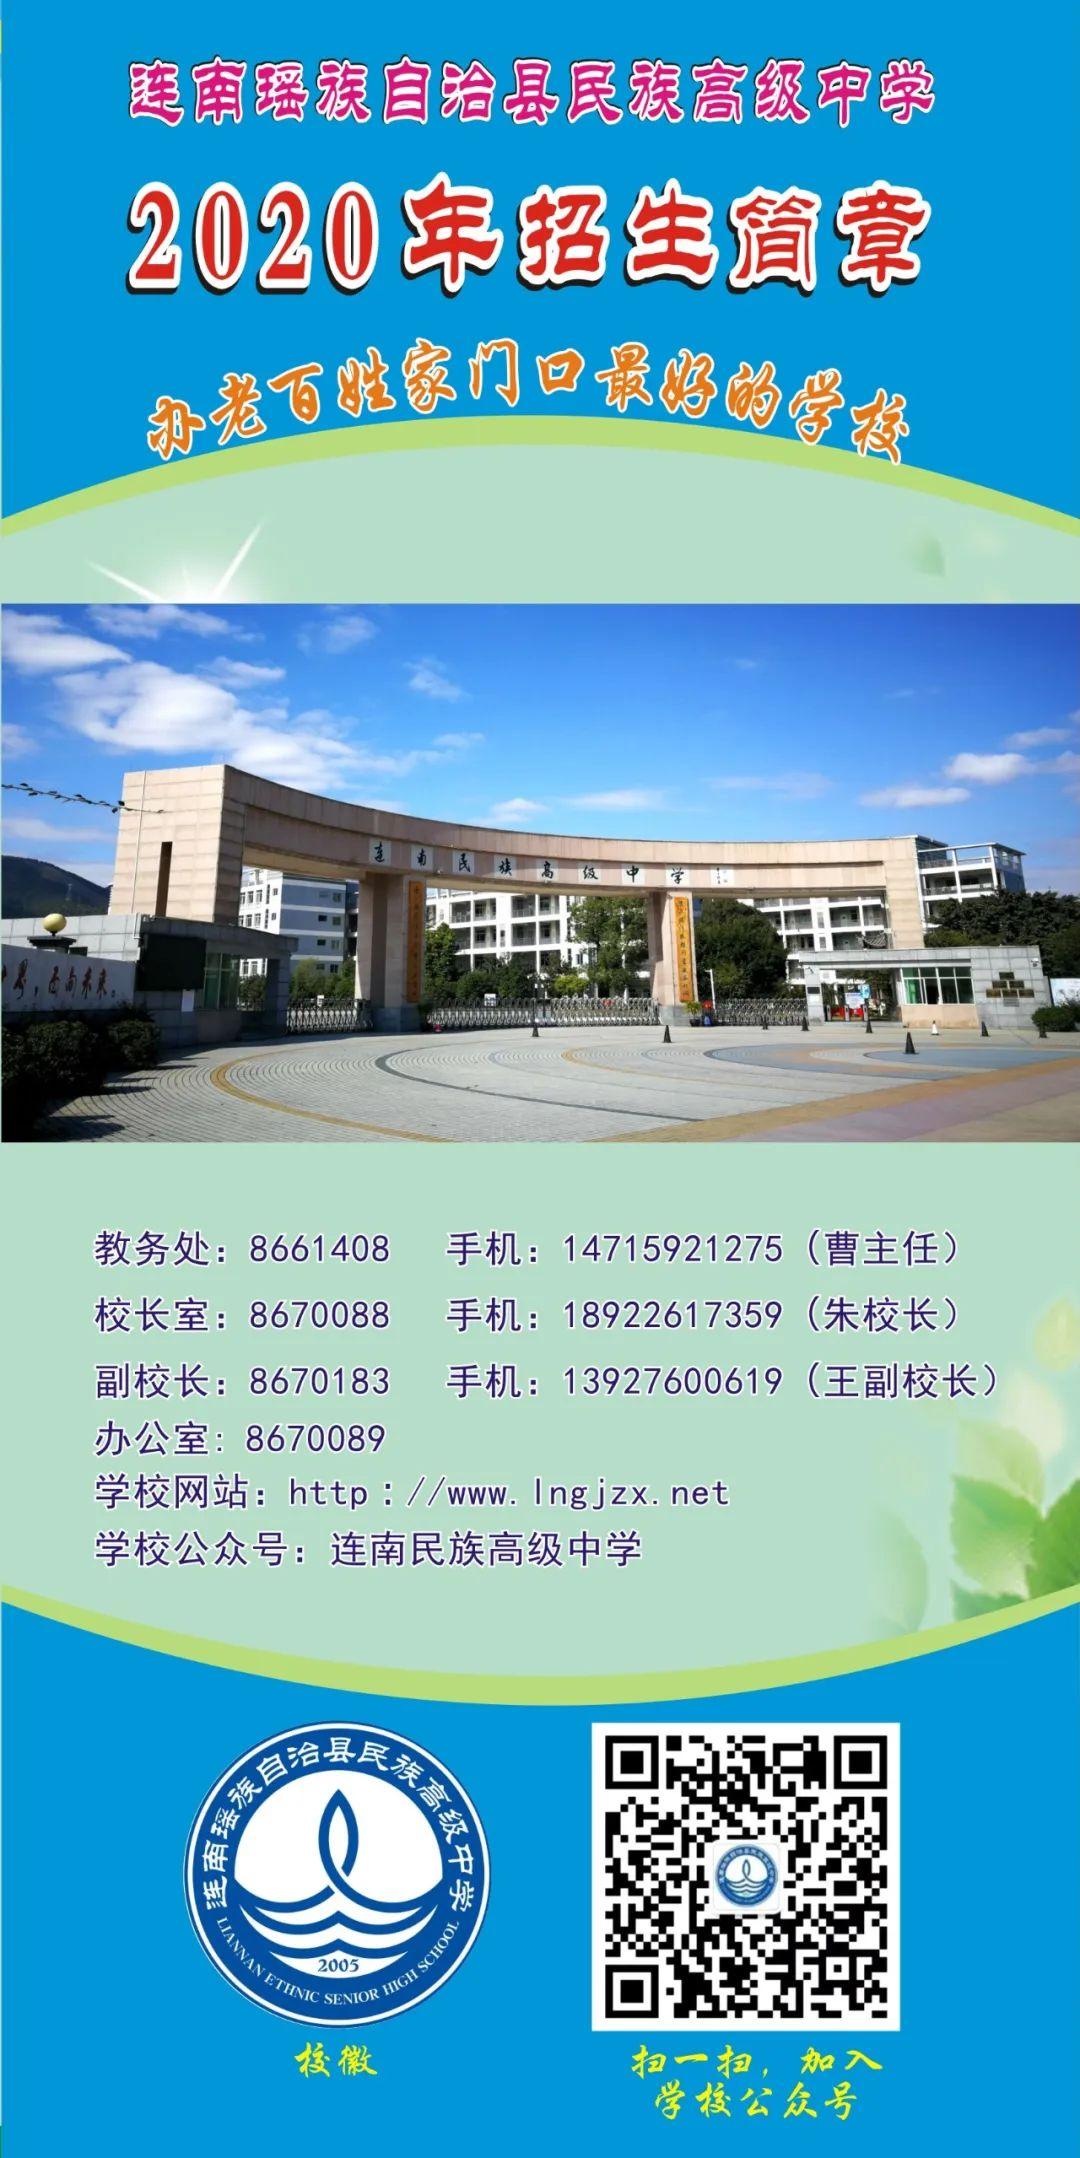 连南民族高级中学2020年秋季招生简章